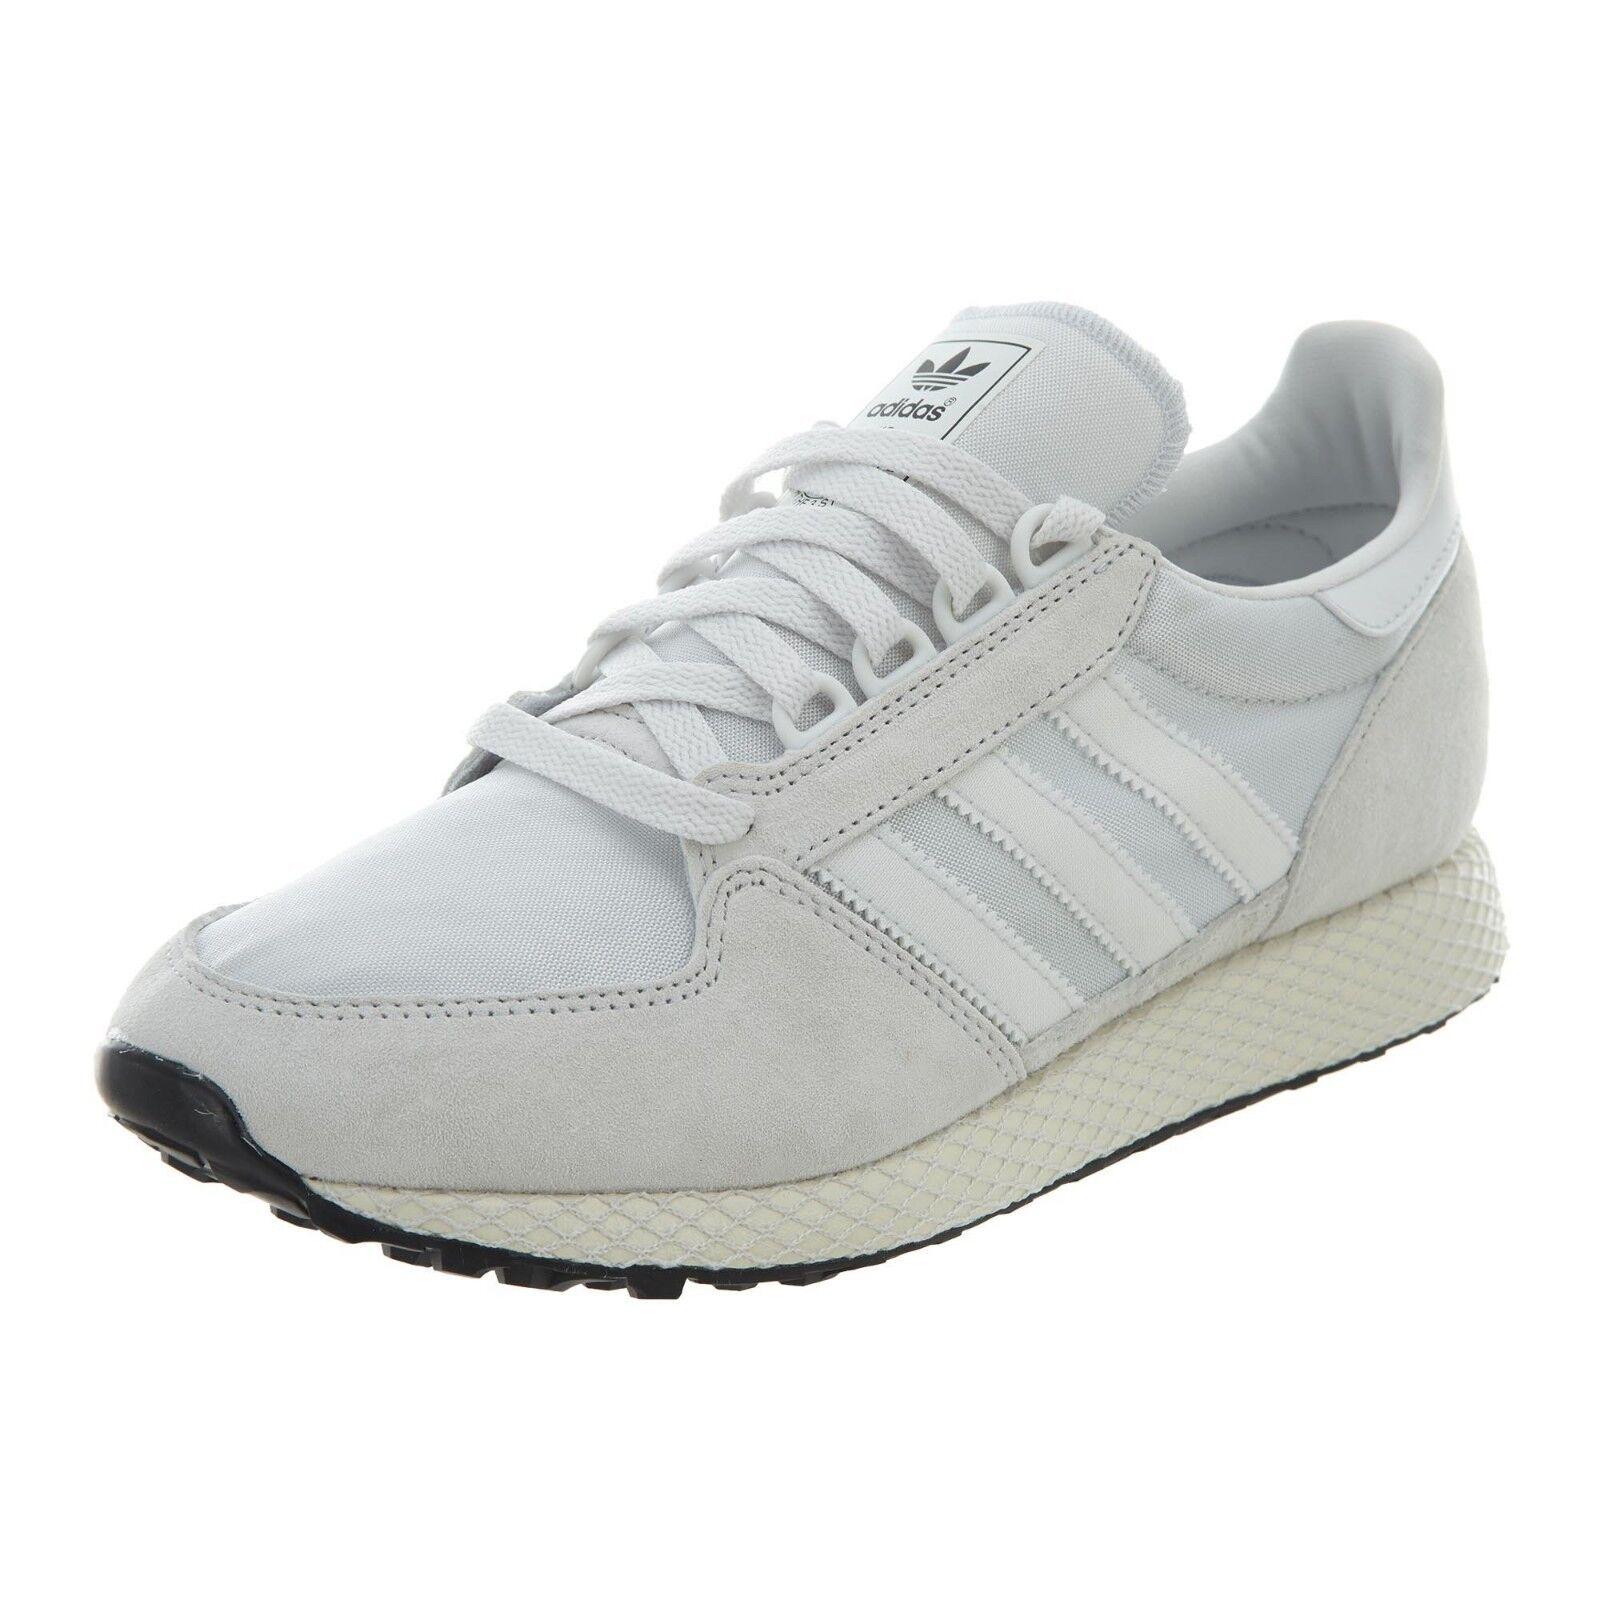 Adidas Forest Grove AQ1186 Grey Men SZ 7.5 - 13